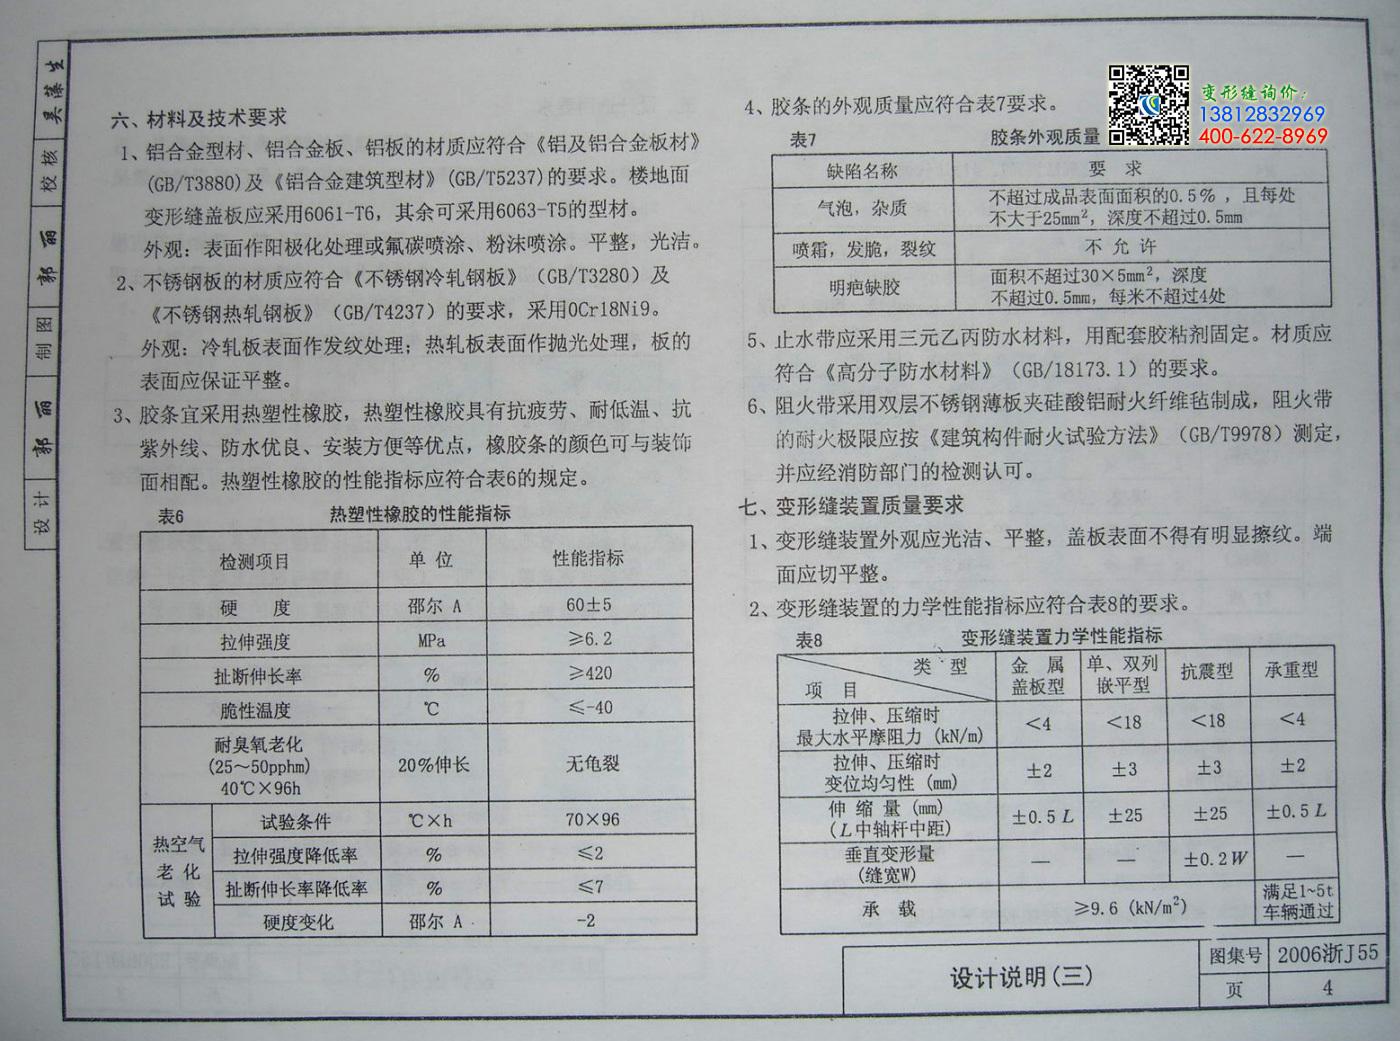 2006浙j55变形缝图集第4页